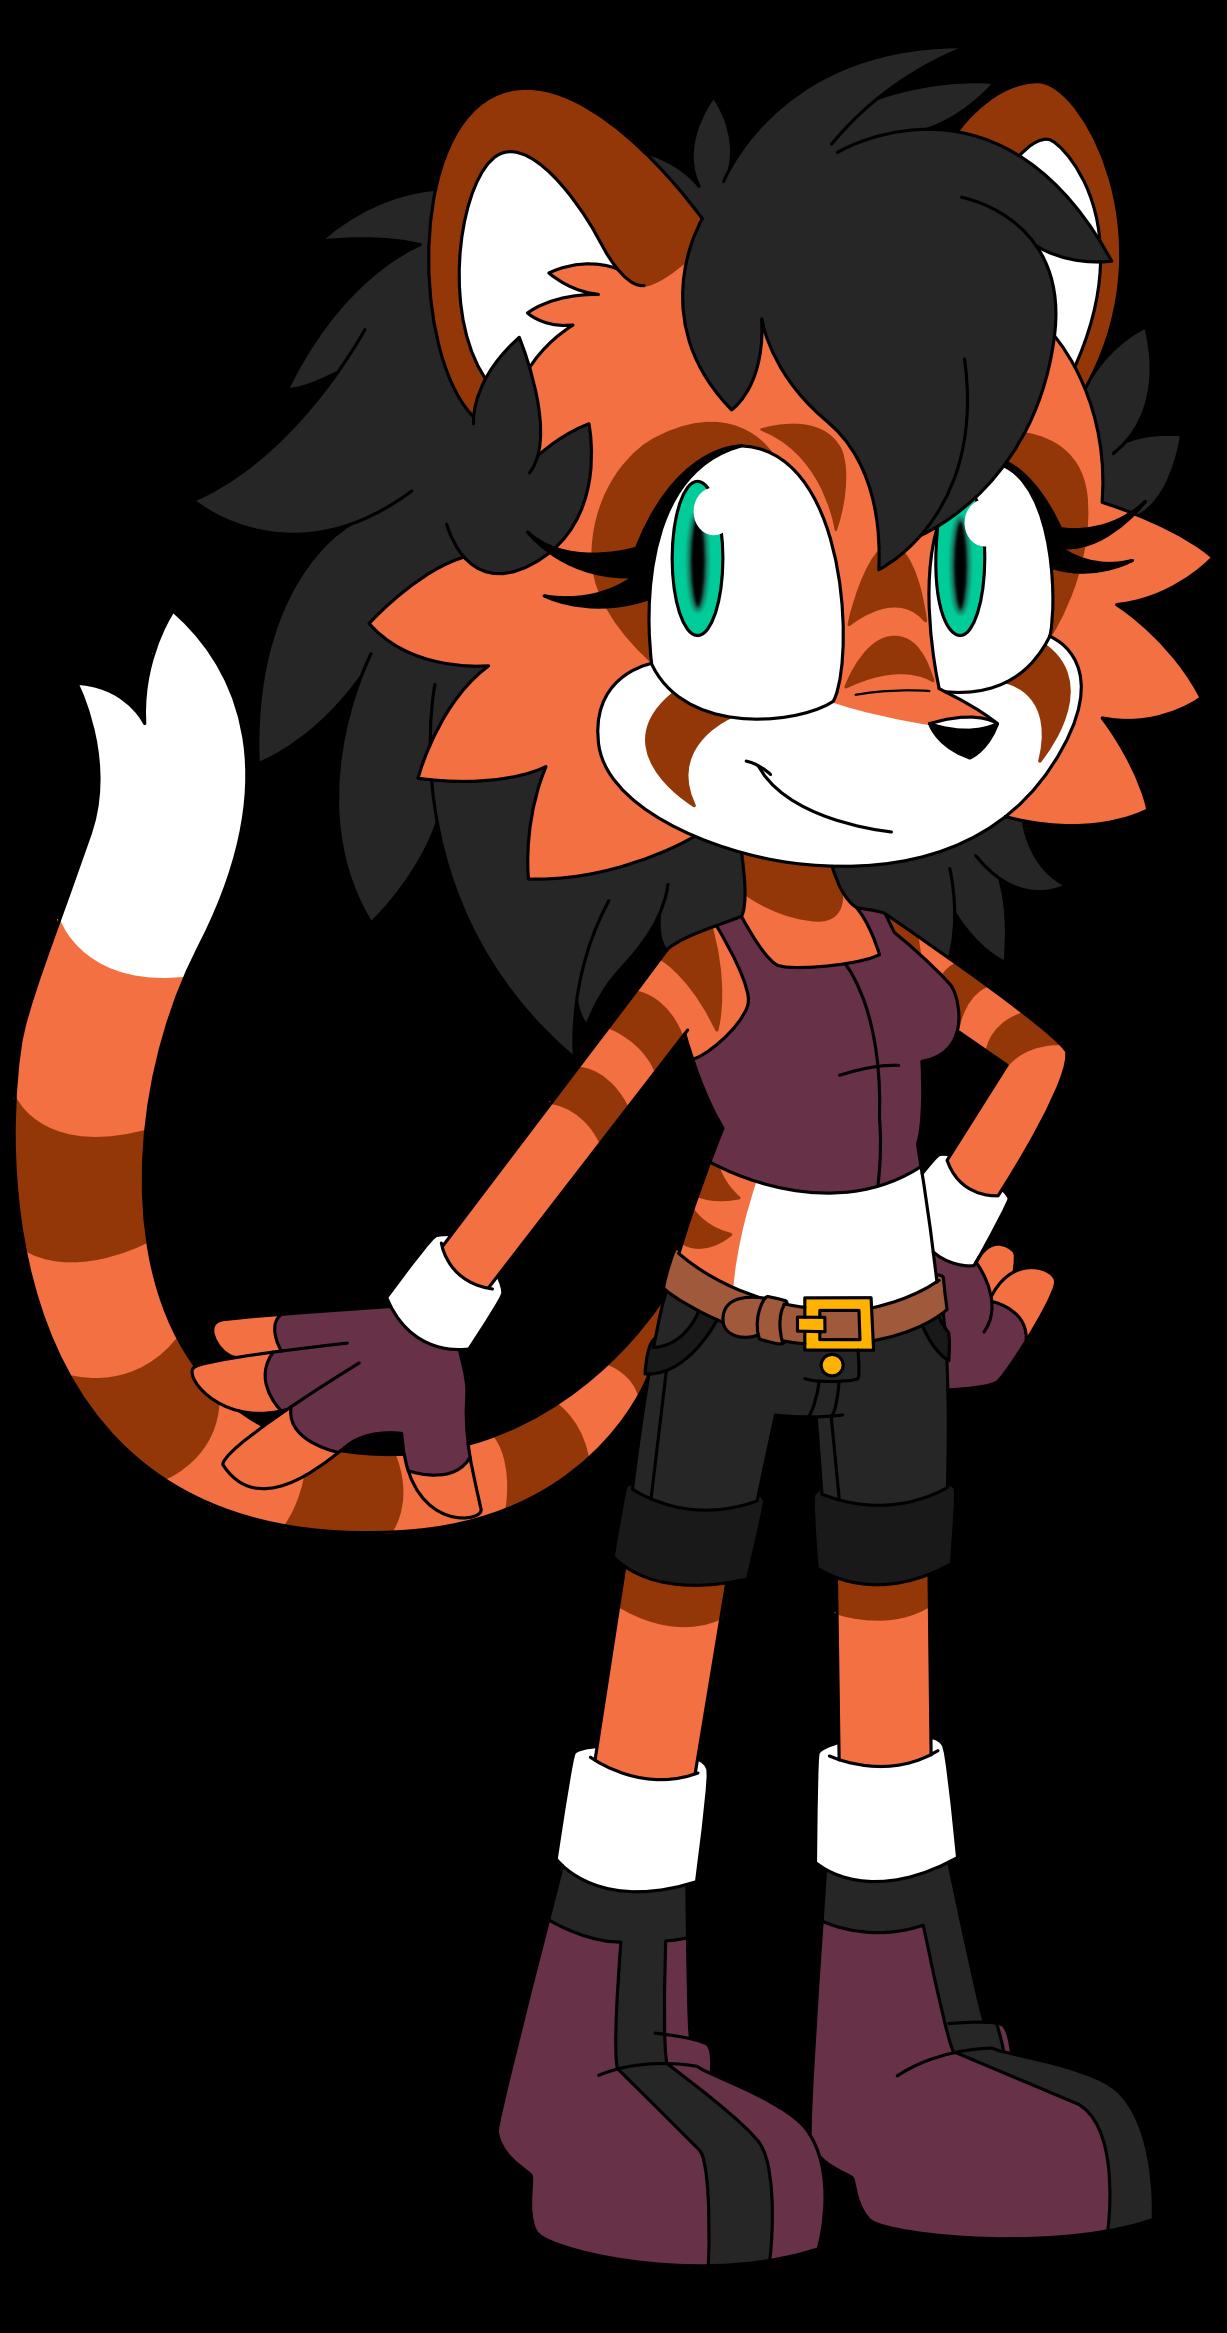 Holly the Tigress